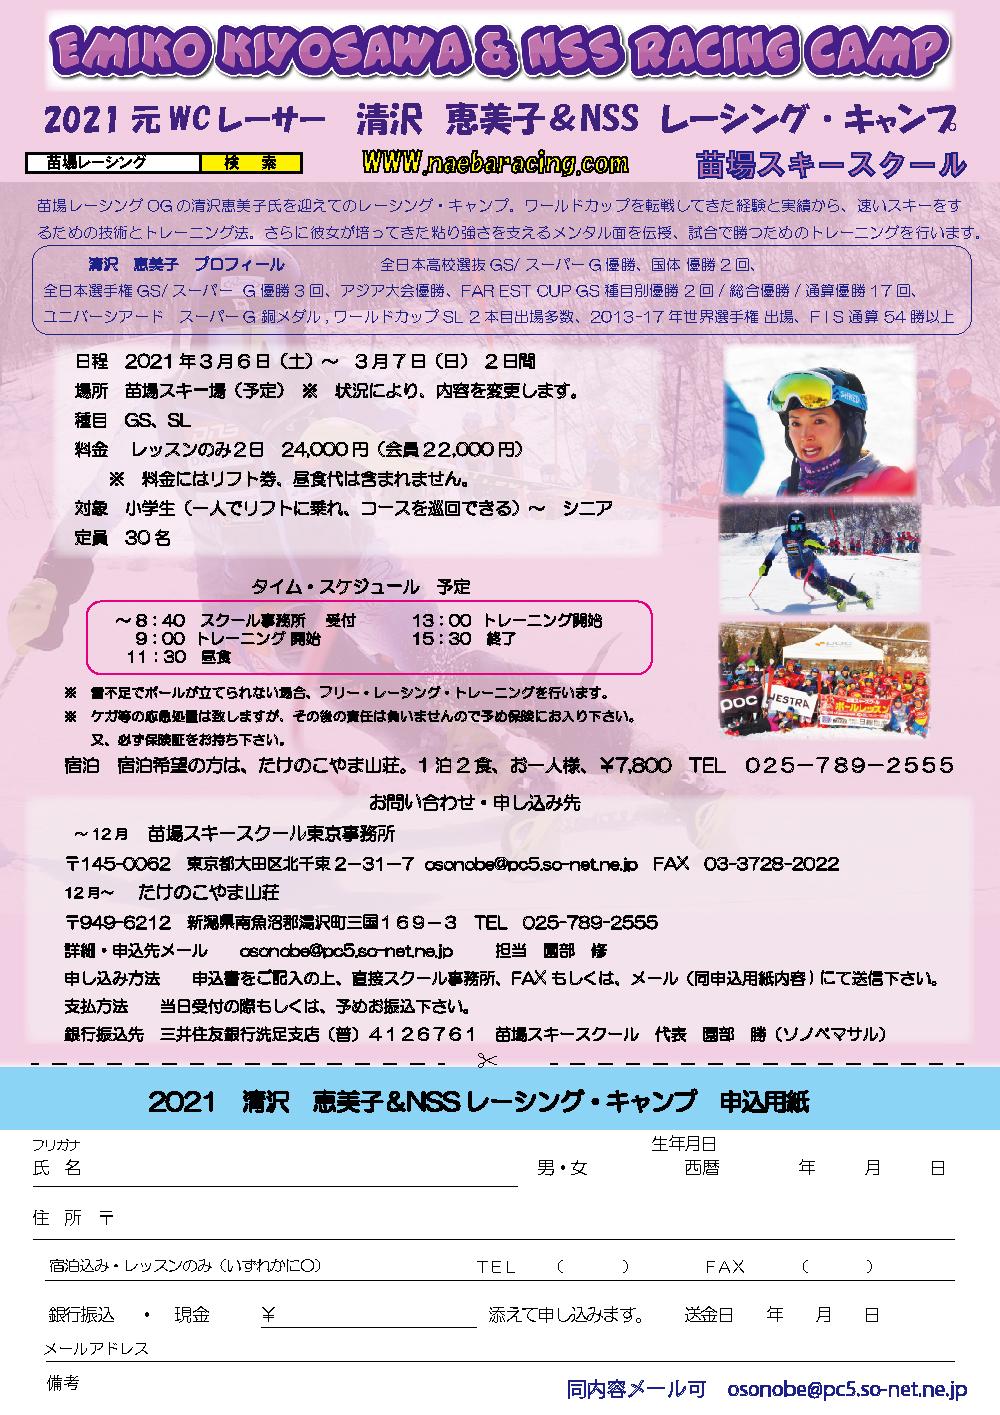 2021清沢キャンプ&GWキャンプ